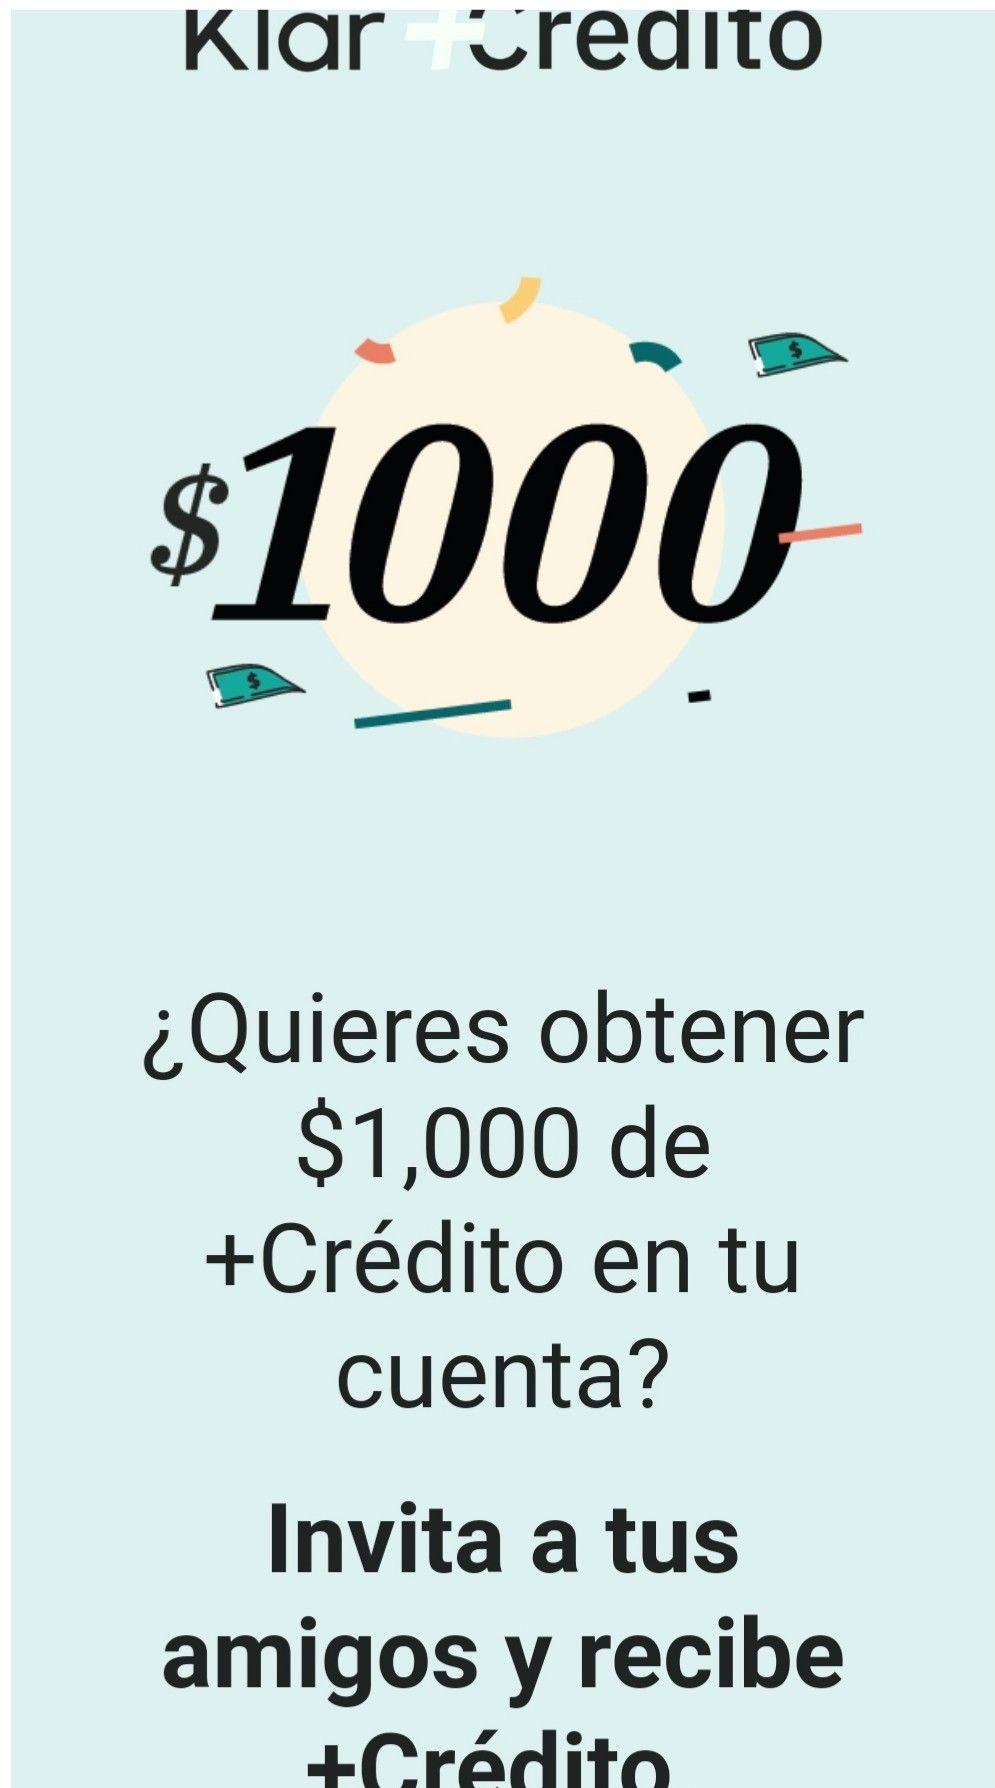 Klar te presta $1,000 recomendando a un amigo